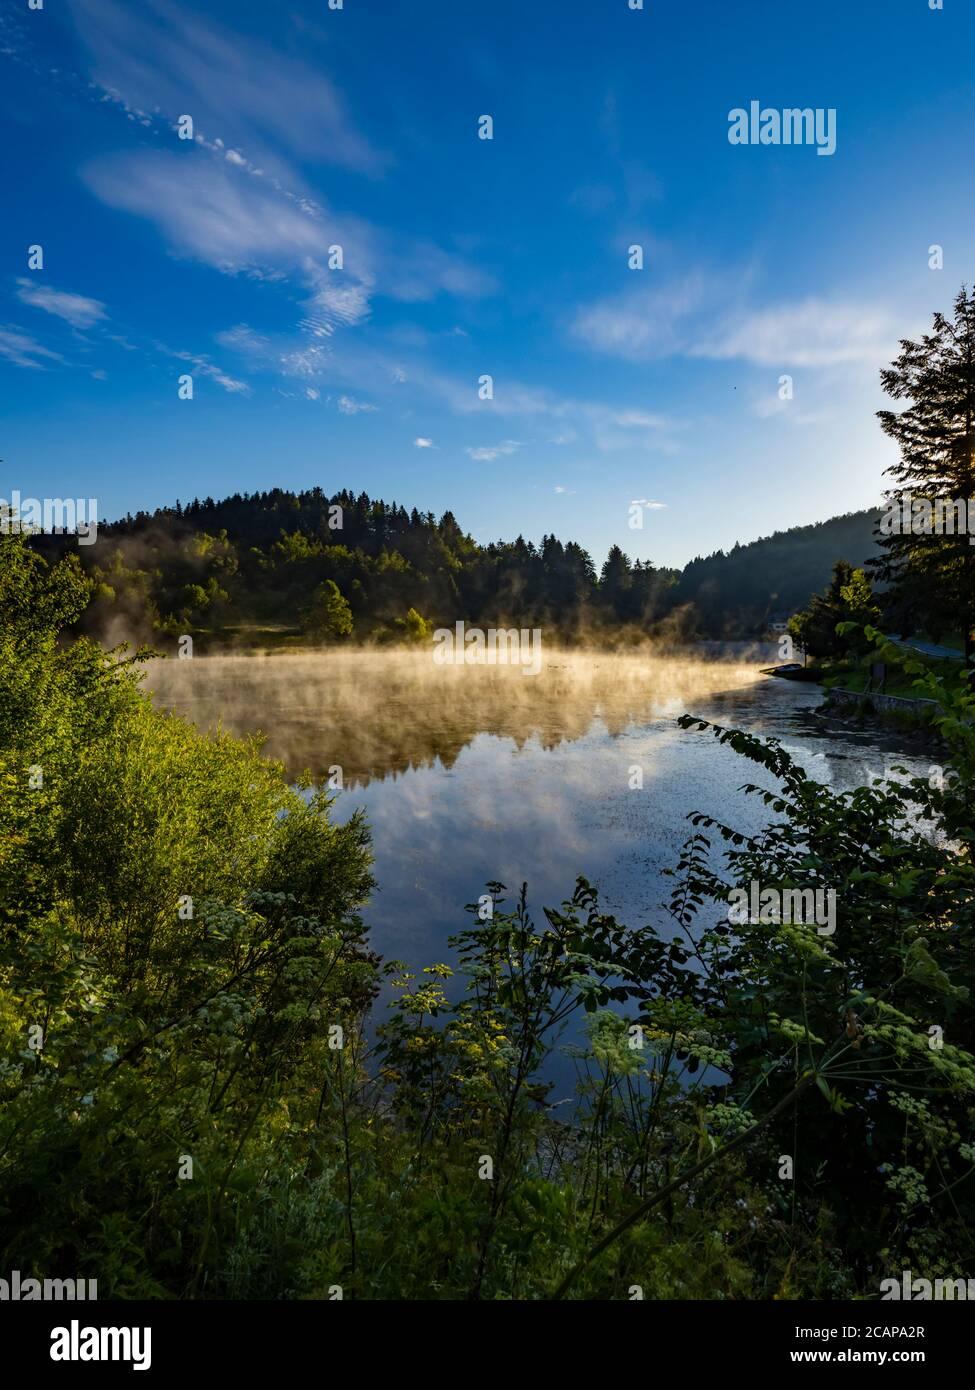 Morgen heller Nebel über der Wasseroberfläche des Mrzla Sees vodica in Kroatien Europa Land-Seite Stockfoto